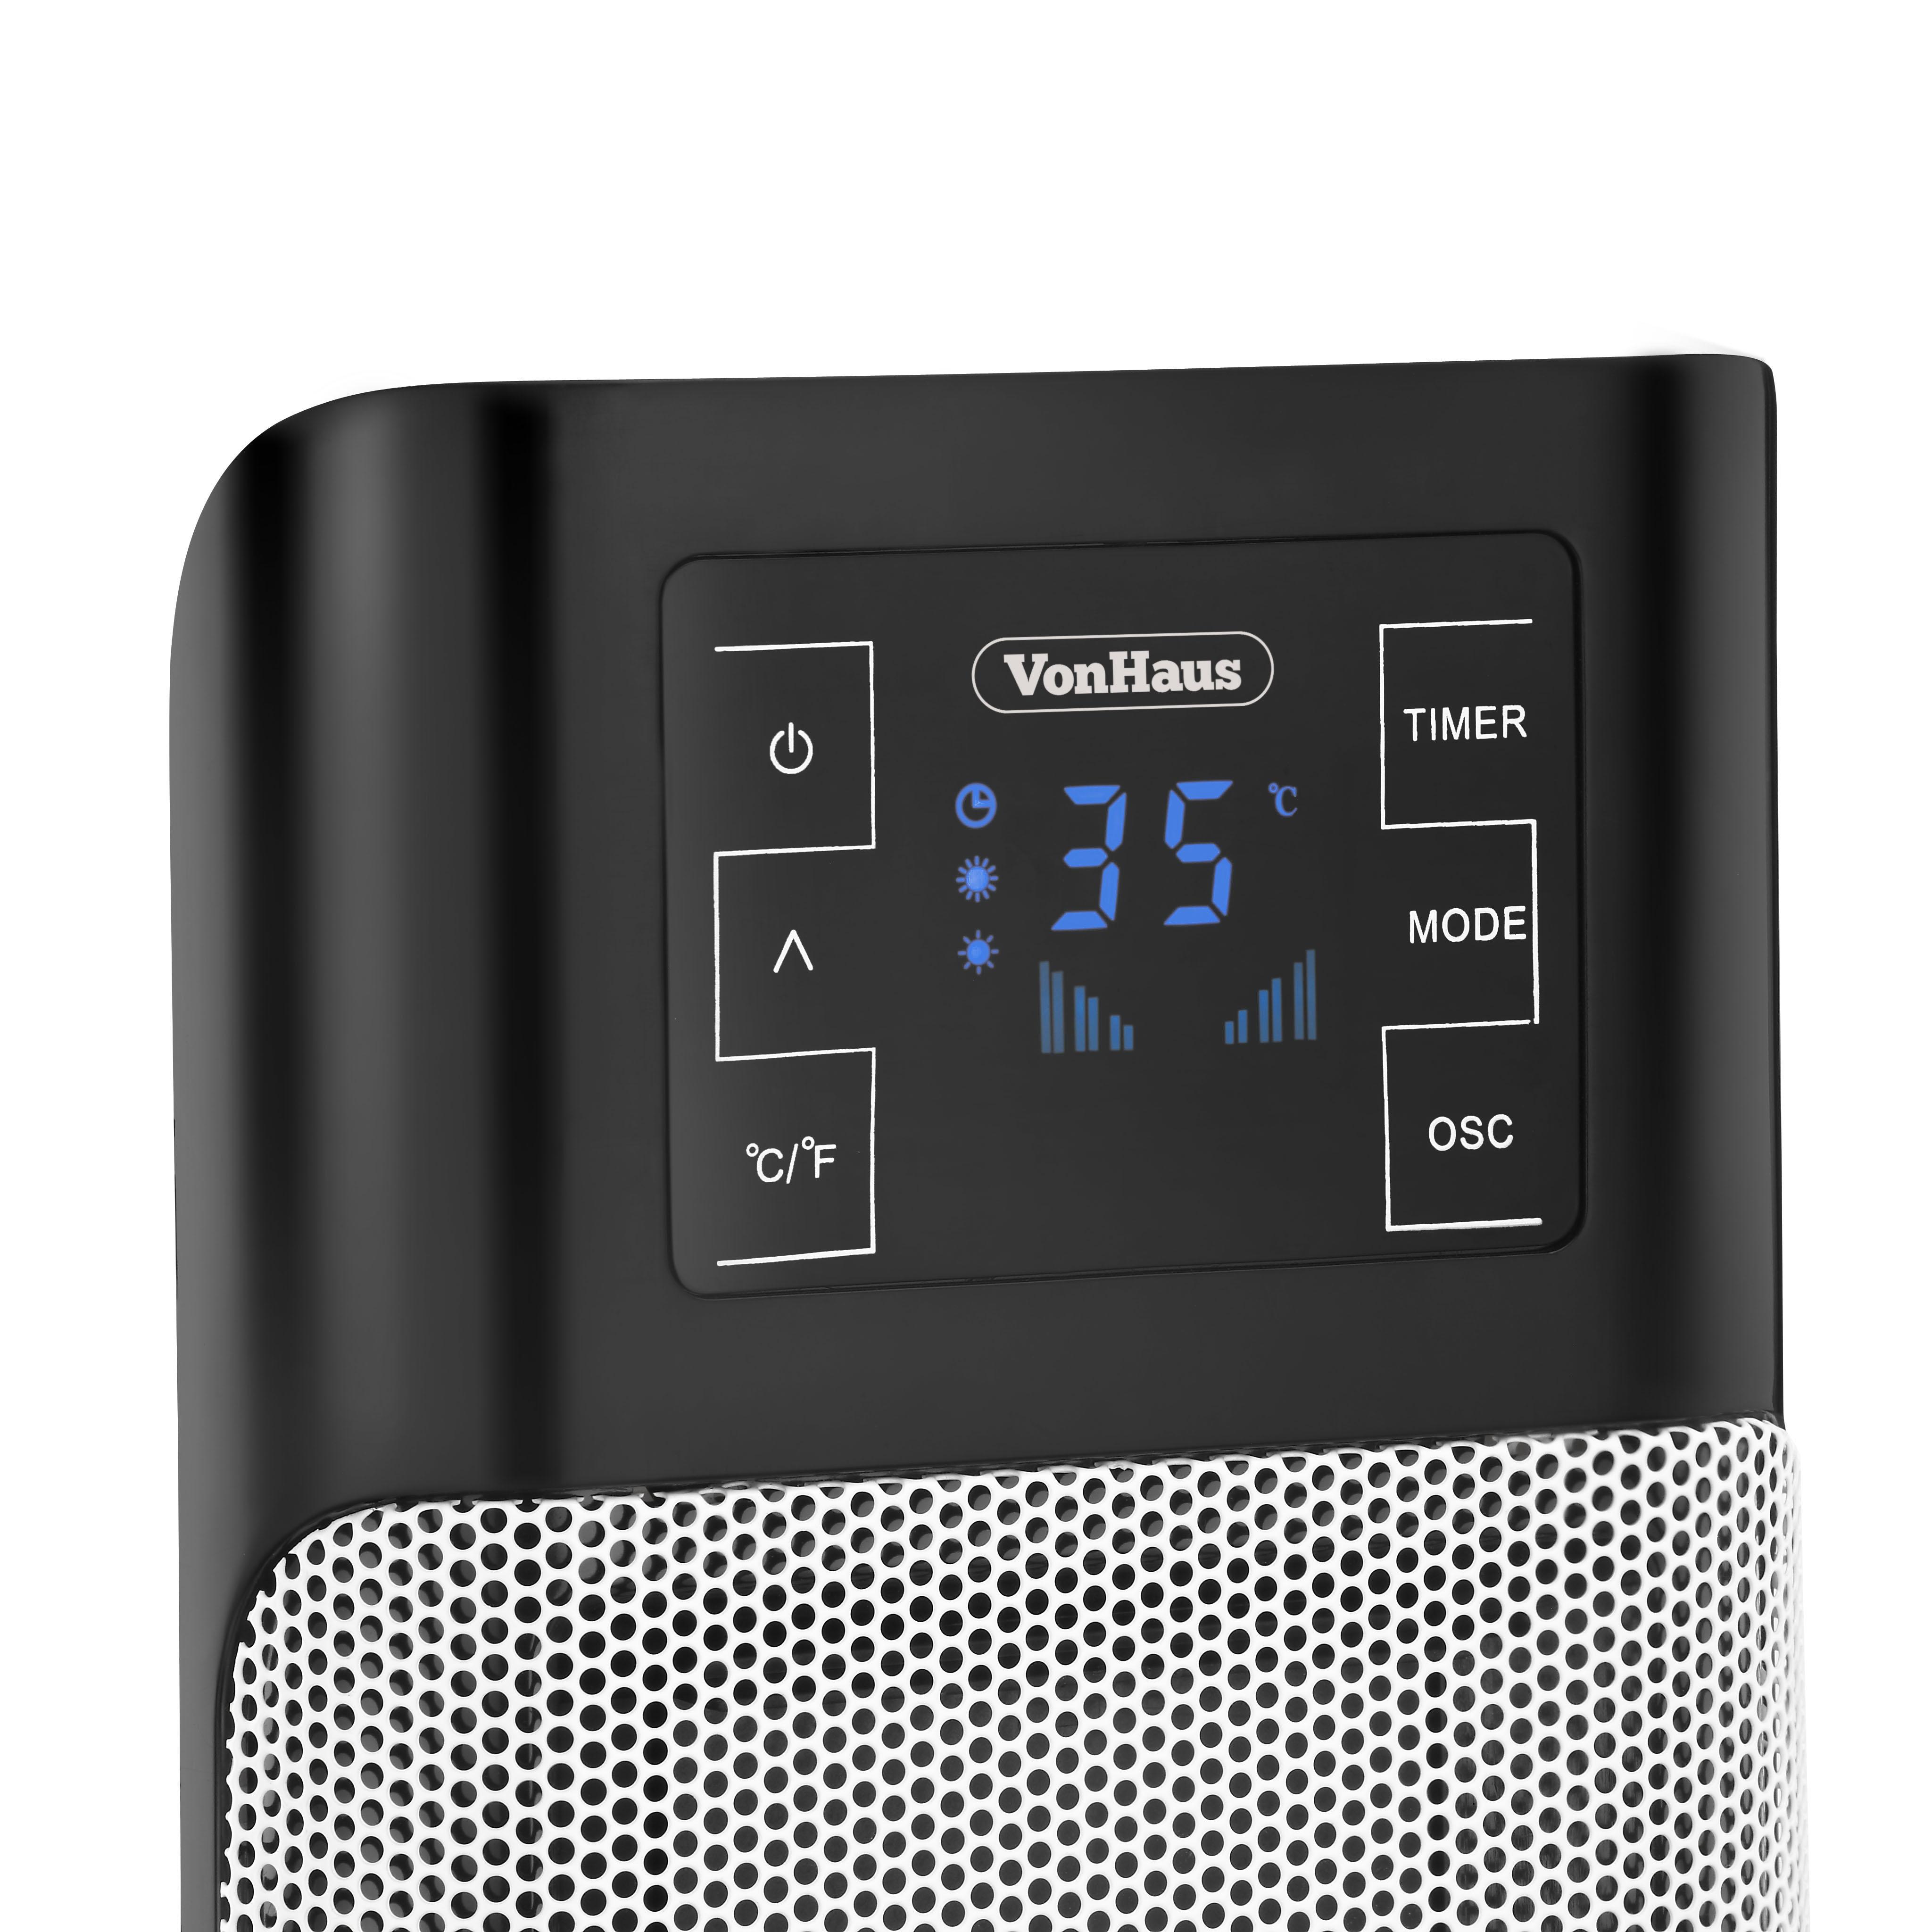 Vonhaus 1500w Digital Oscillating Ceramic Tower Fan Heater